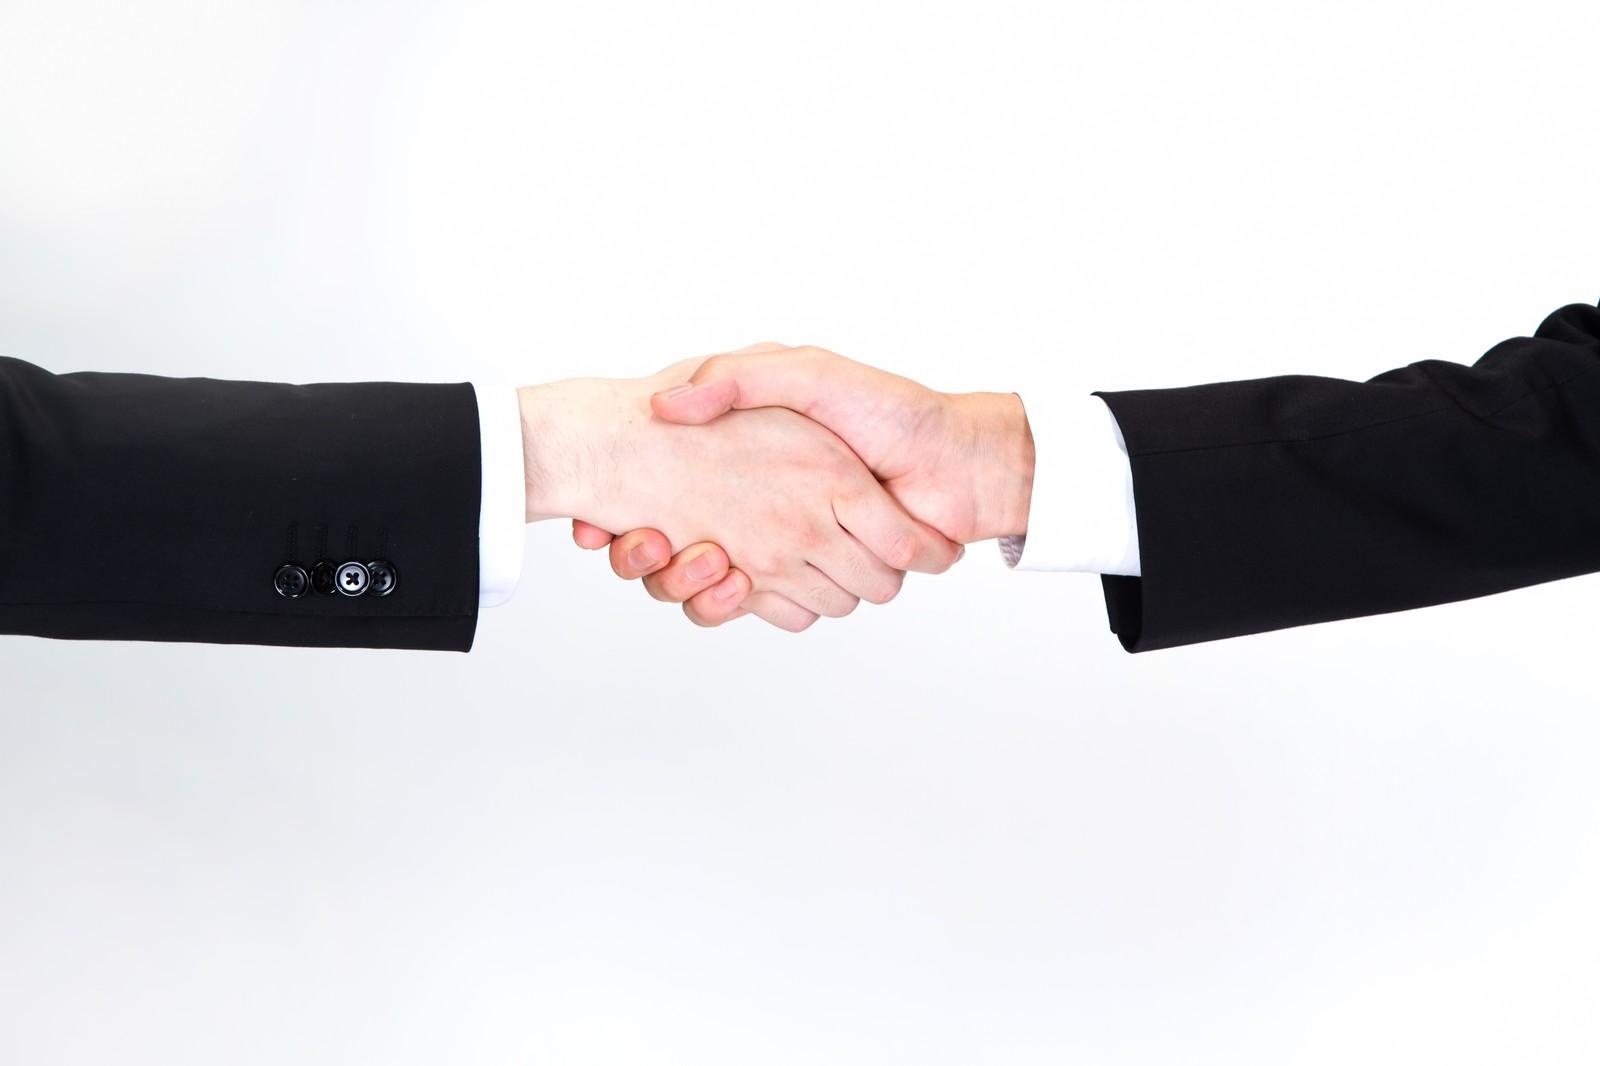 契約社員が退職する際に注意すべきこと。正社員との違いを知っておこう。